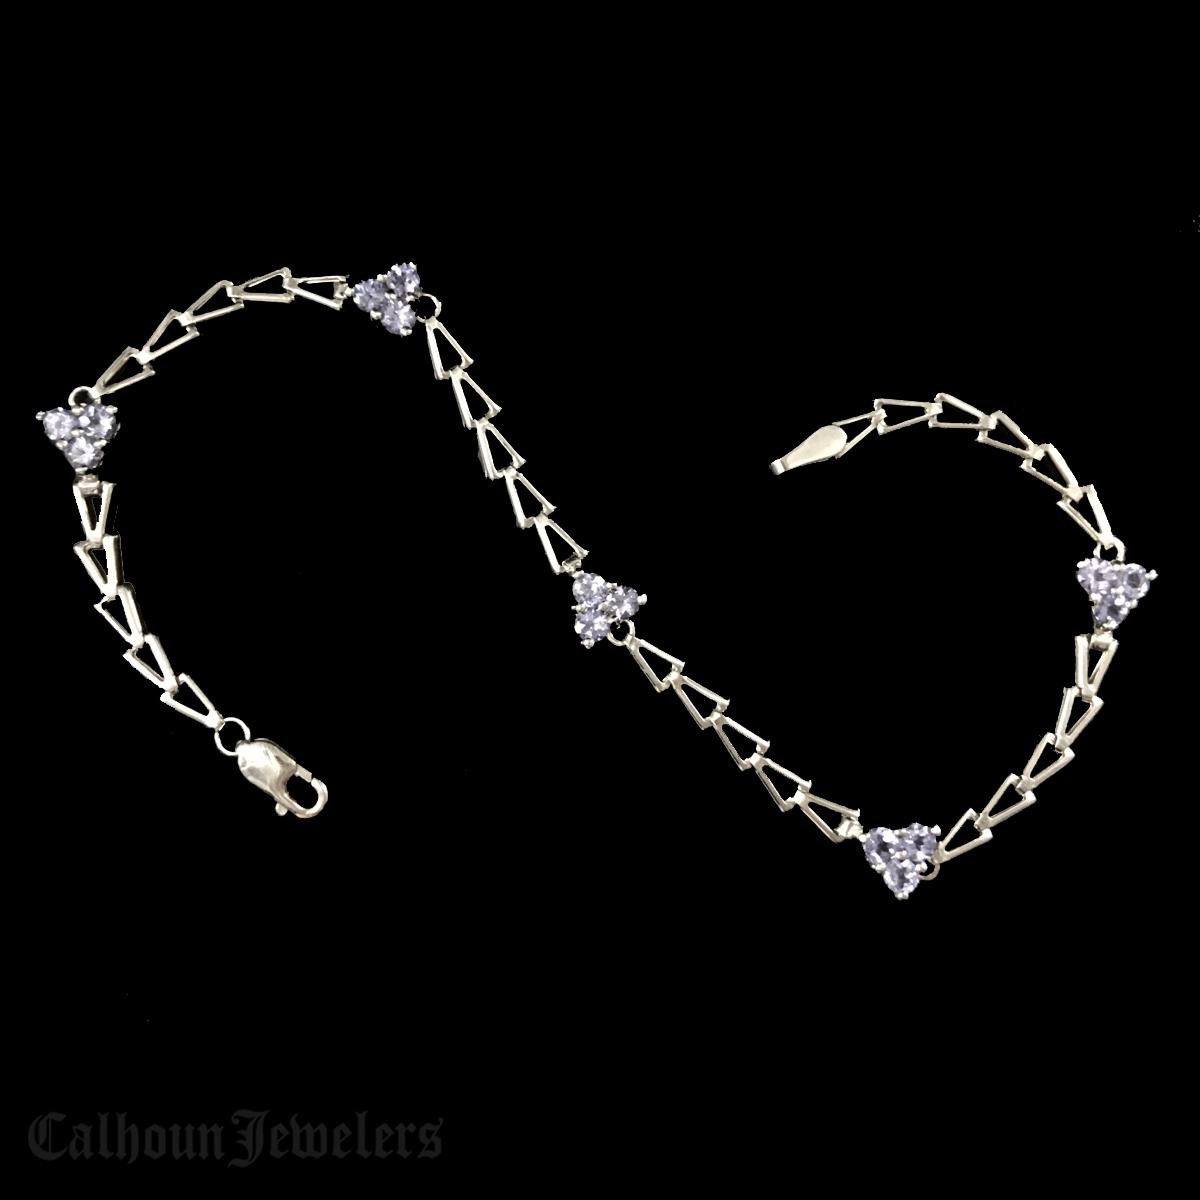 Tanzanite Open Link Bracelet